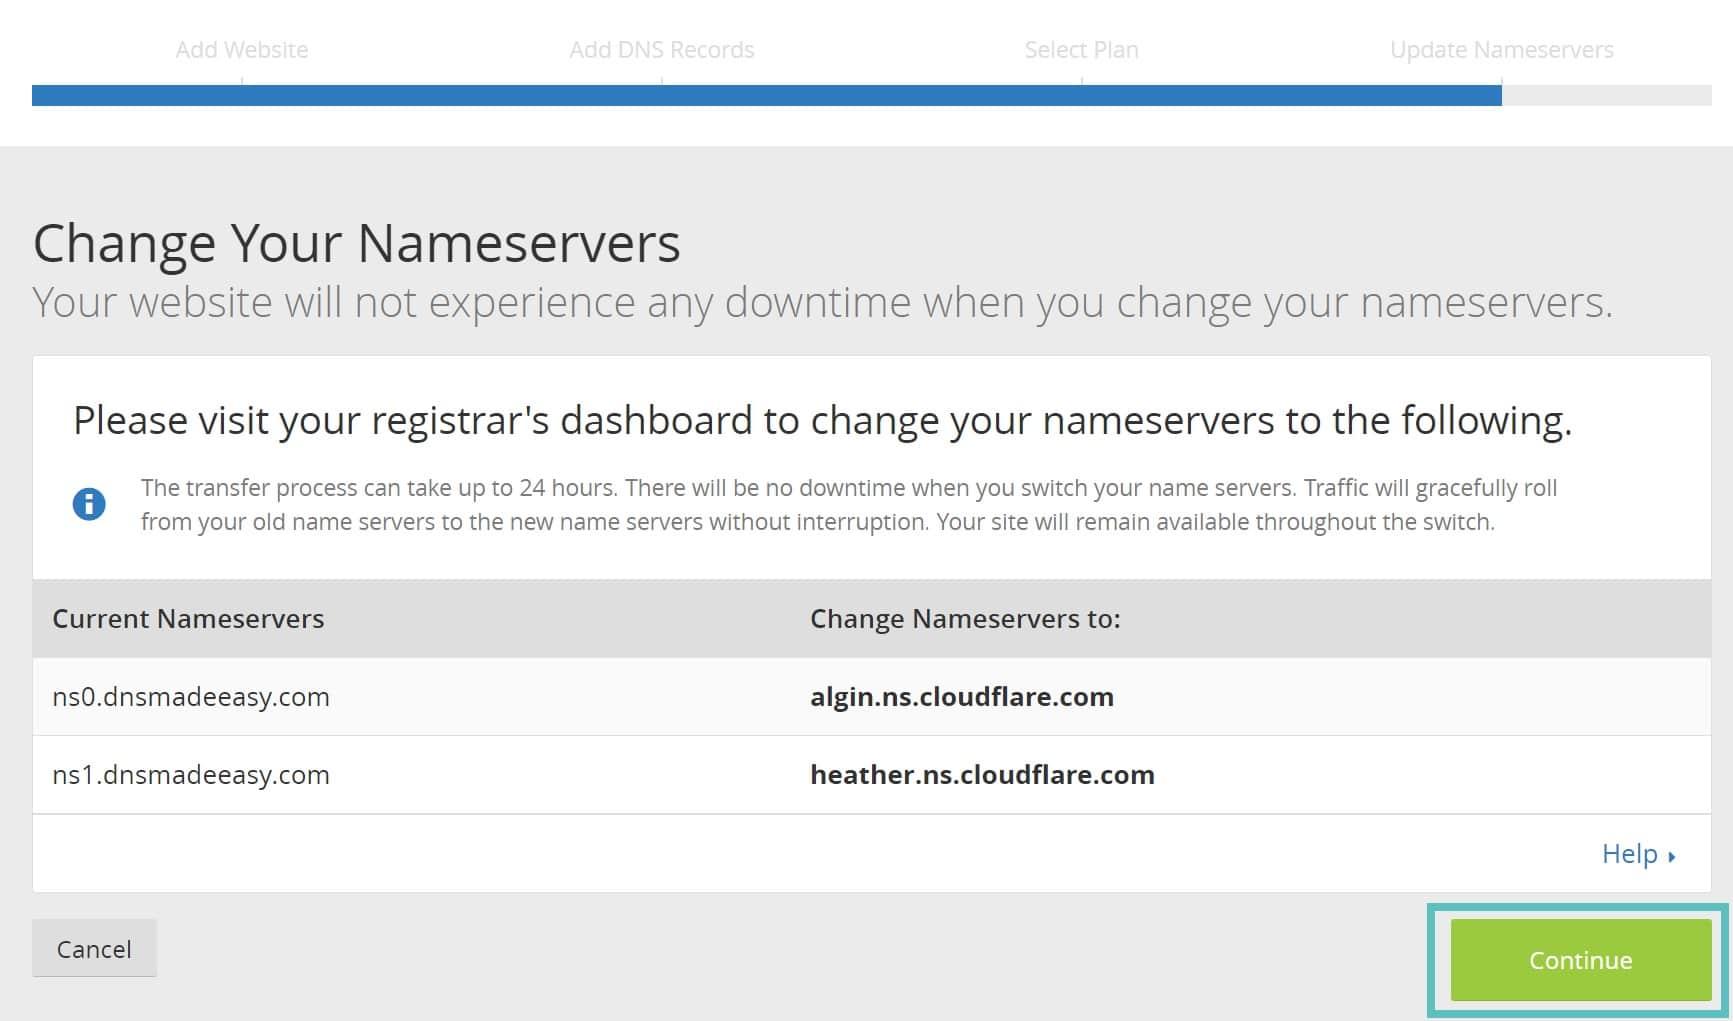 Wechsel zu den Nameservern von Cloudflare